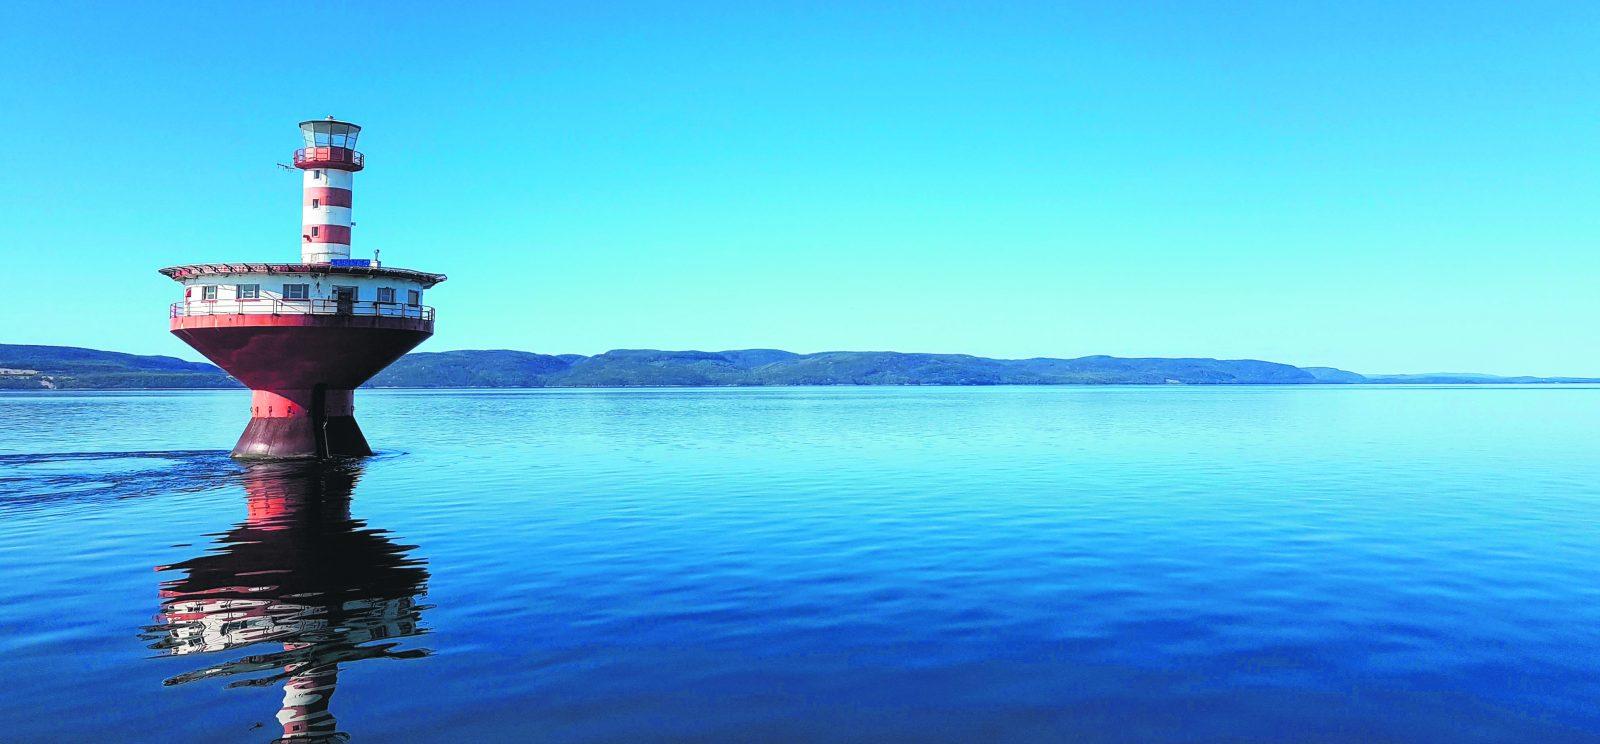 La culture maritime dans le hublot de Partons la mer est belle.ca